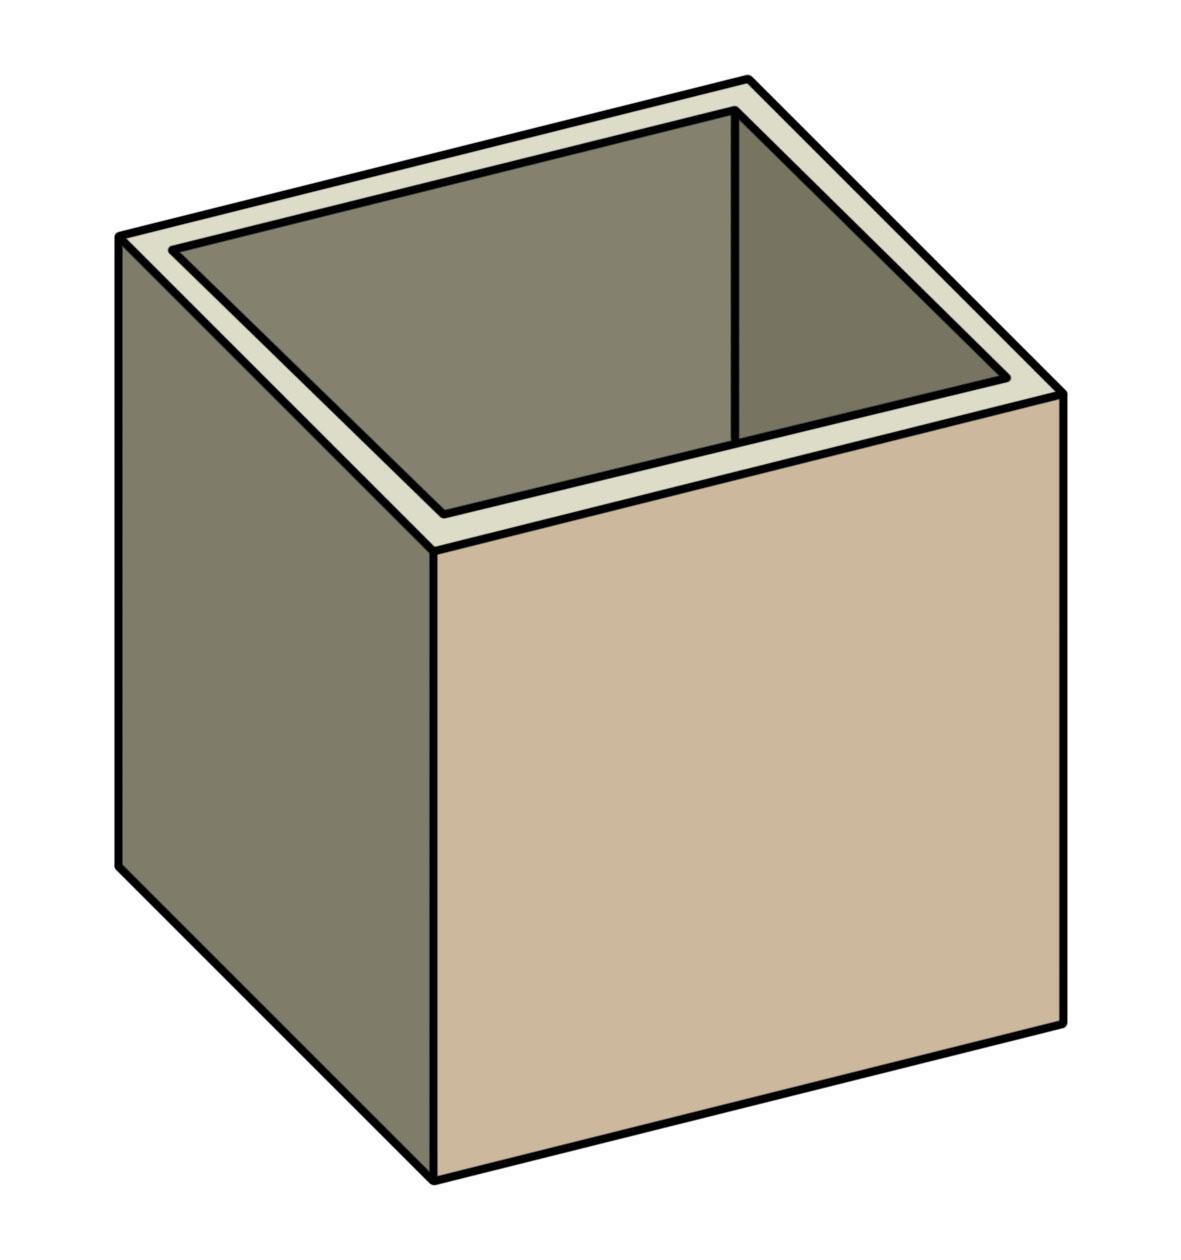 Come personalizzare un vaso idea regalo fai da te for Sito regalo cose